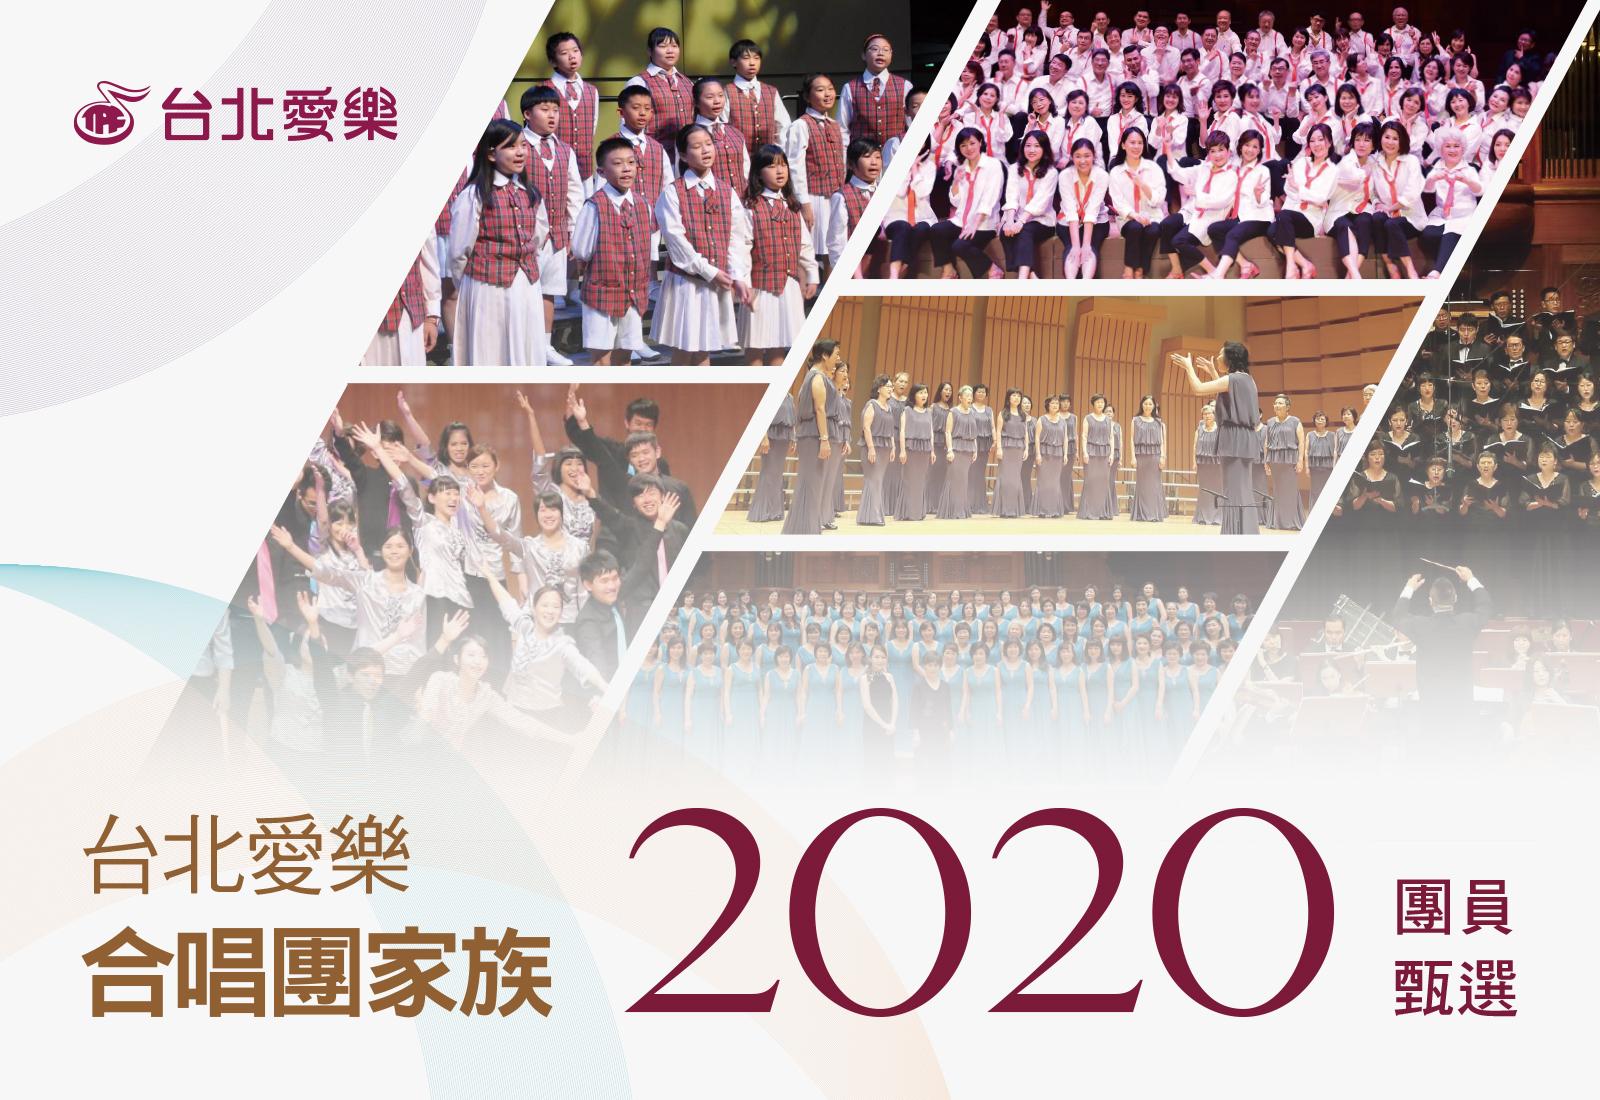 2020台北愛樂合唱家族秋季團員甄選